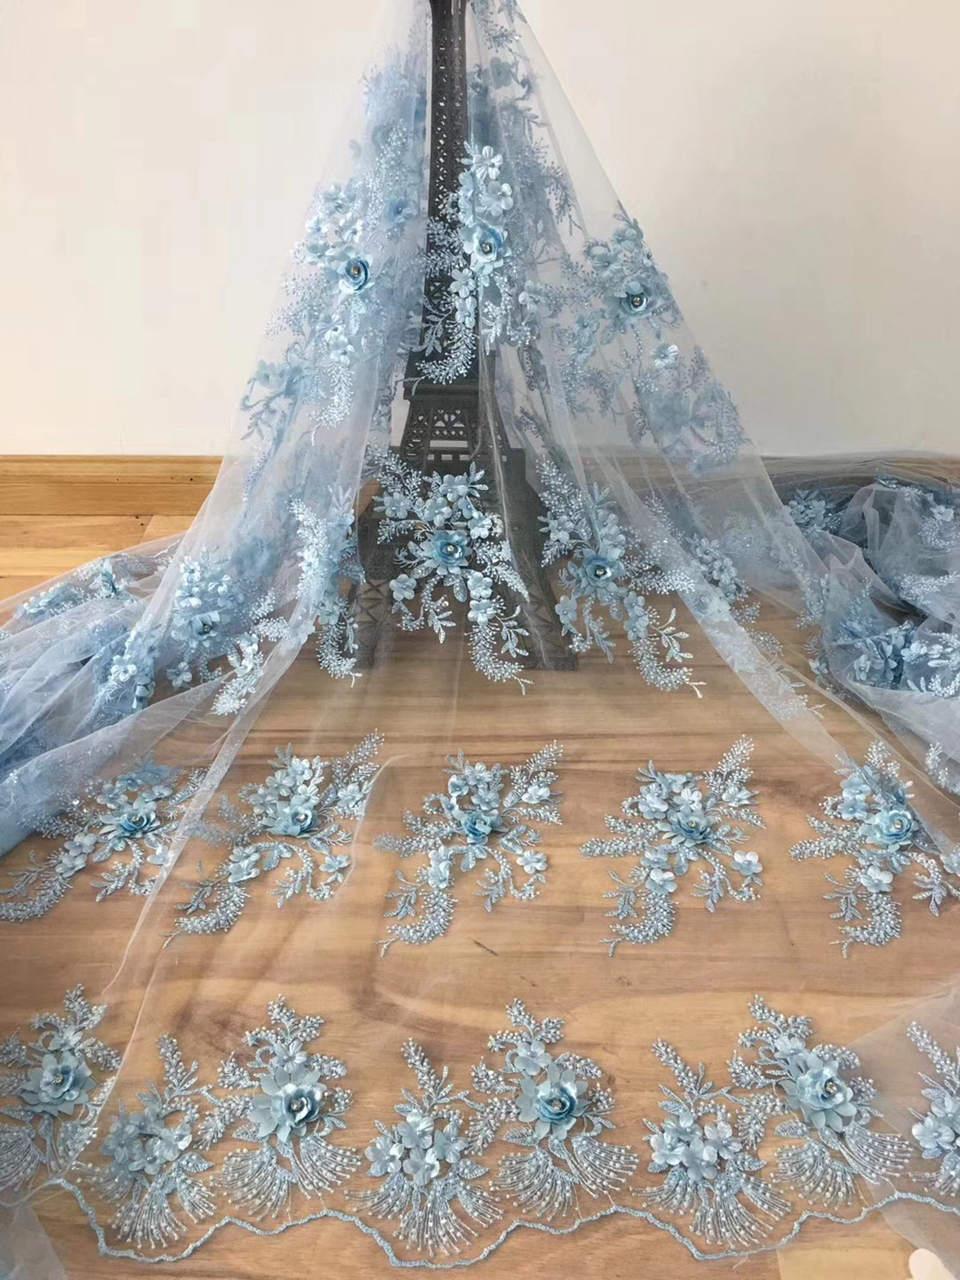 FolaSade Unique 3D dentelle tissu 2018 haute qualité dentelle africaine Tulle dentelle tissu avec diamants Guipure dentelle pour mariage TY817